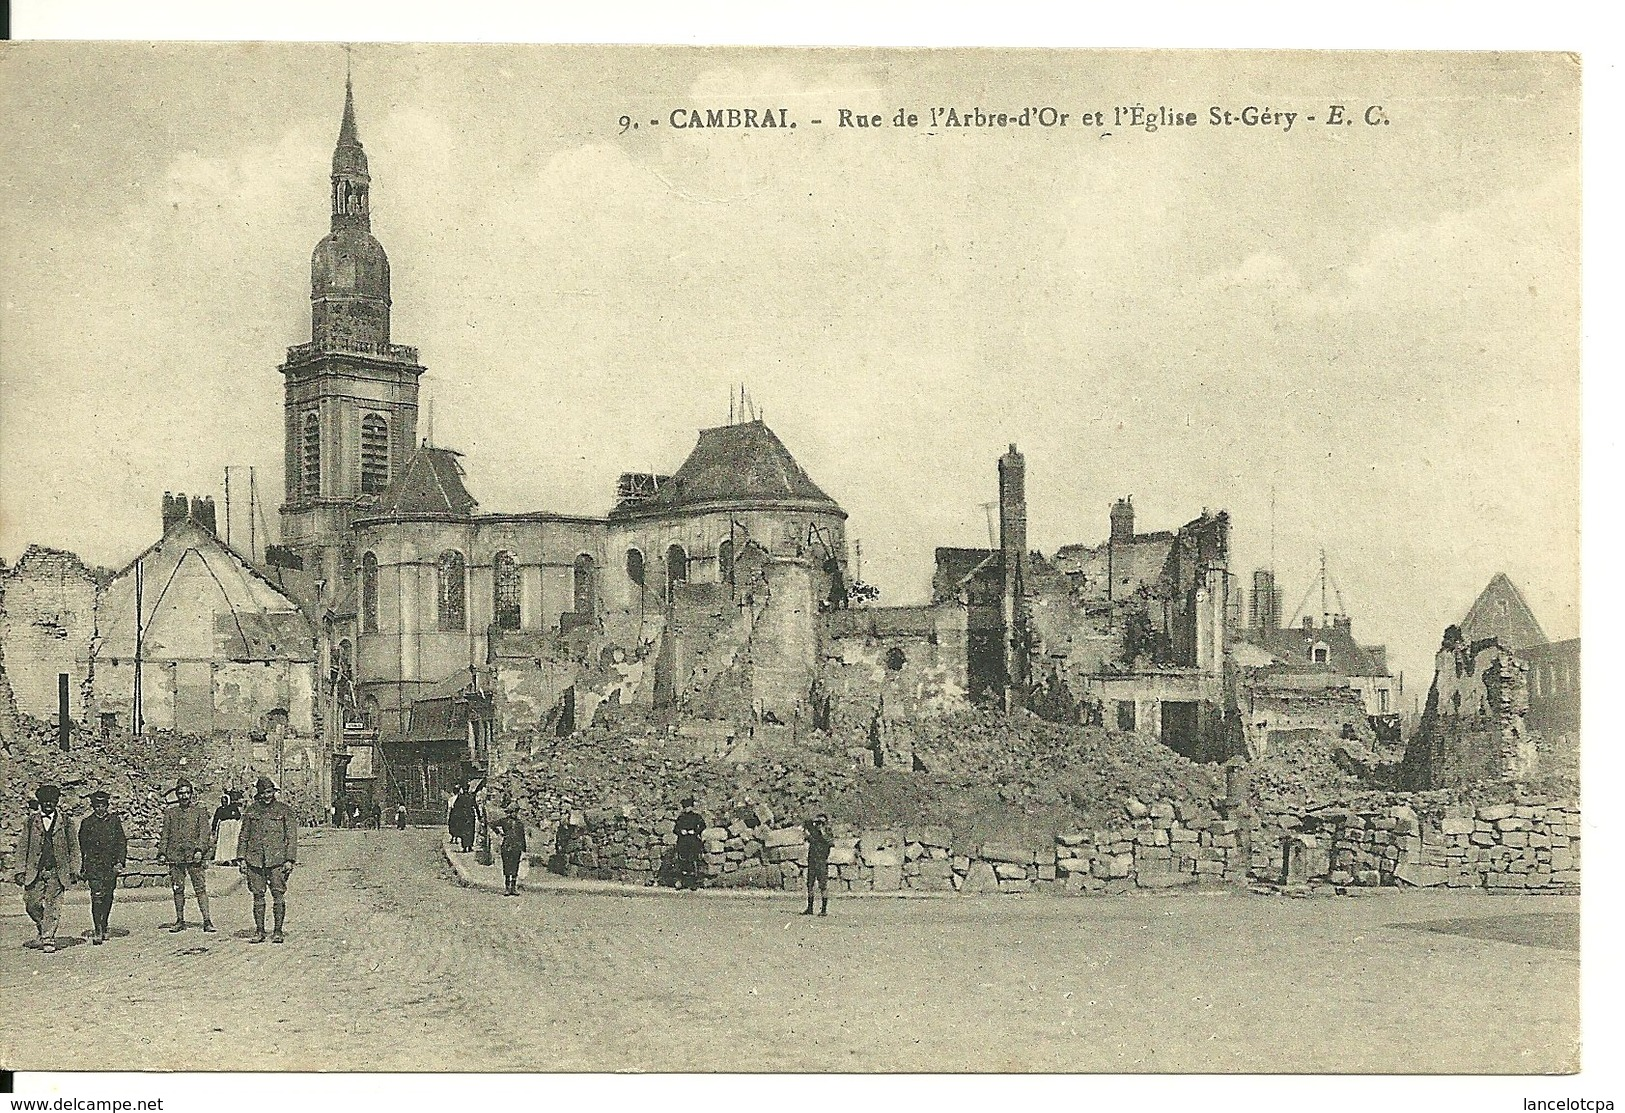 59 - CAMBRAI / RUE DE L'ARBRE D'OR ET EGLISE ST GERY - Cambrai